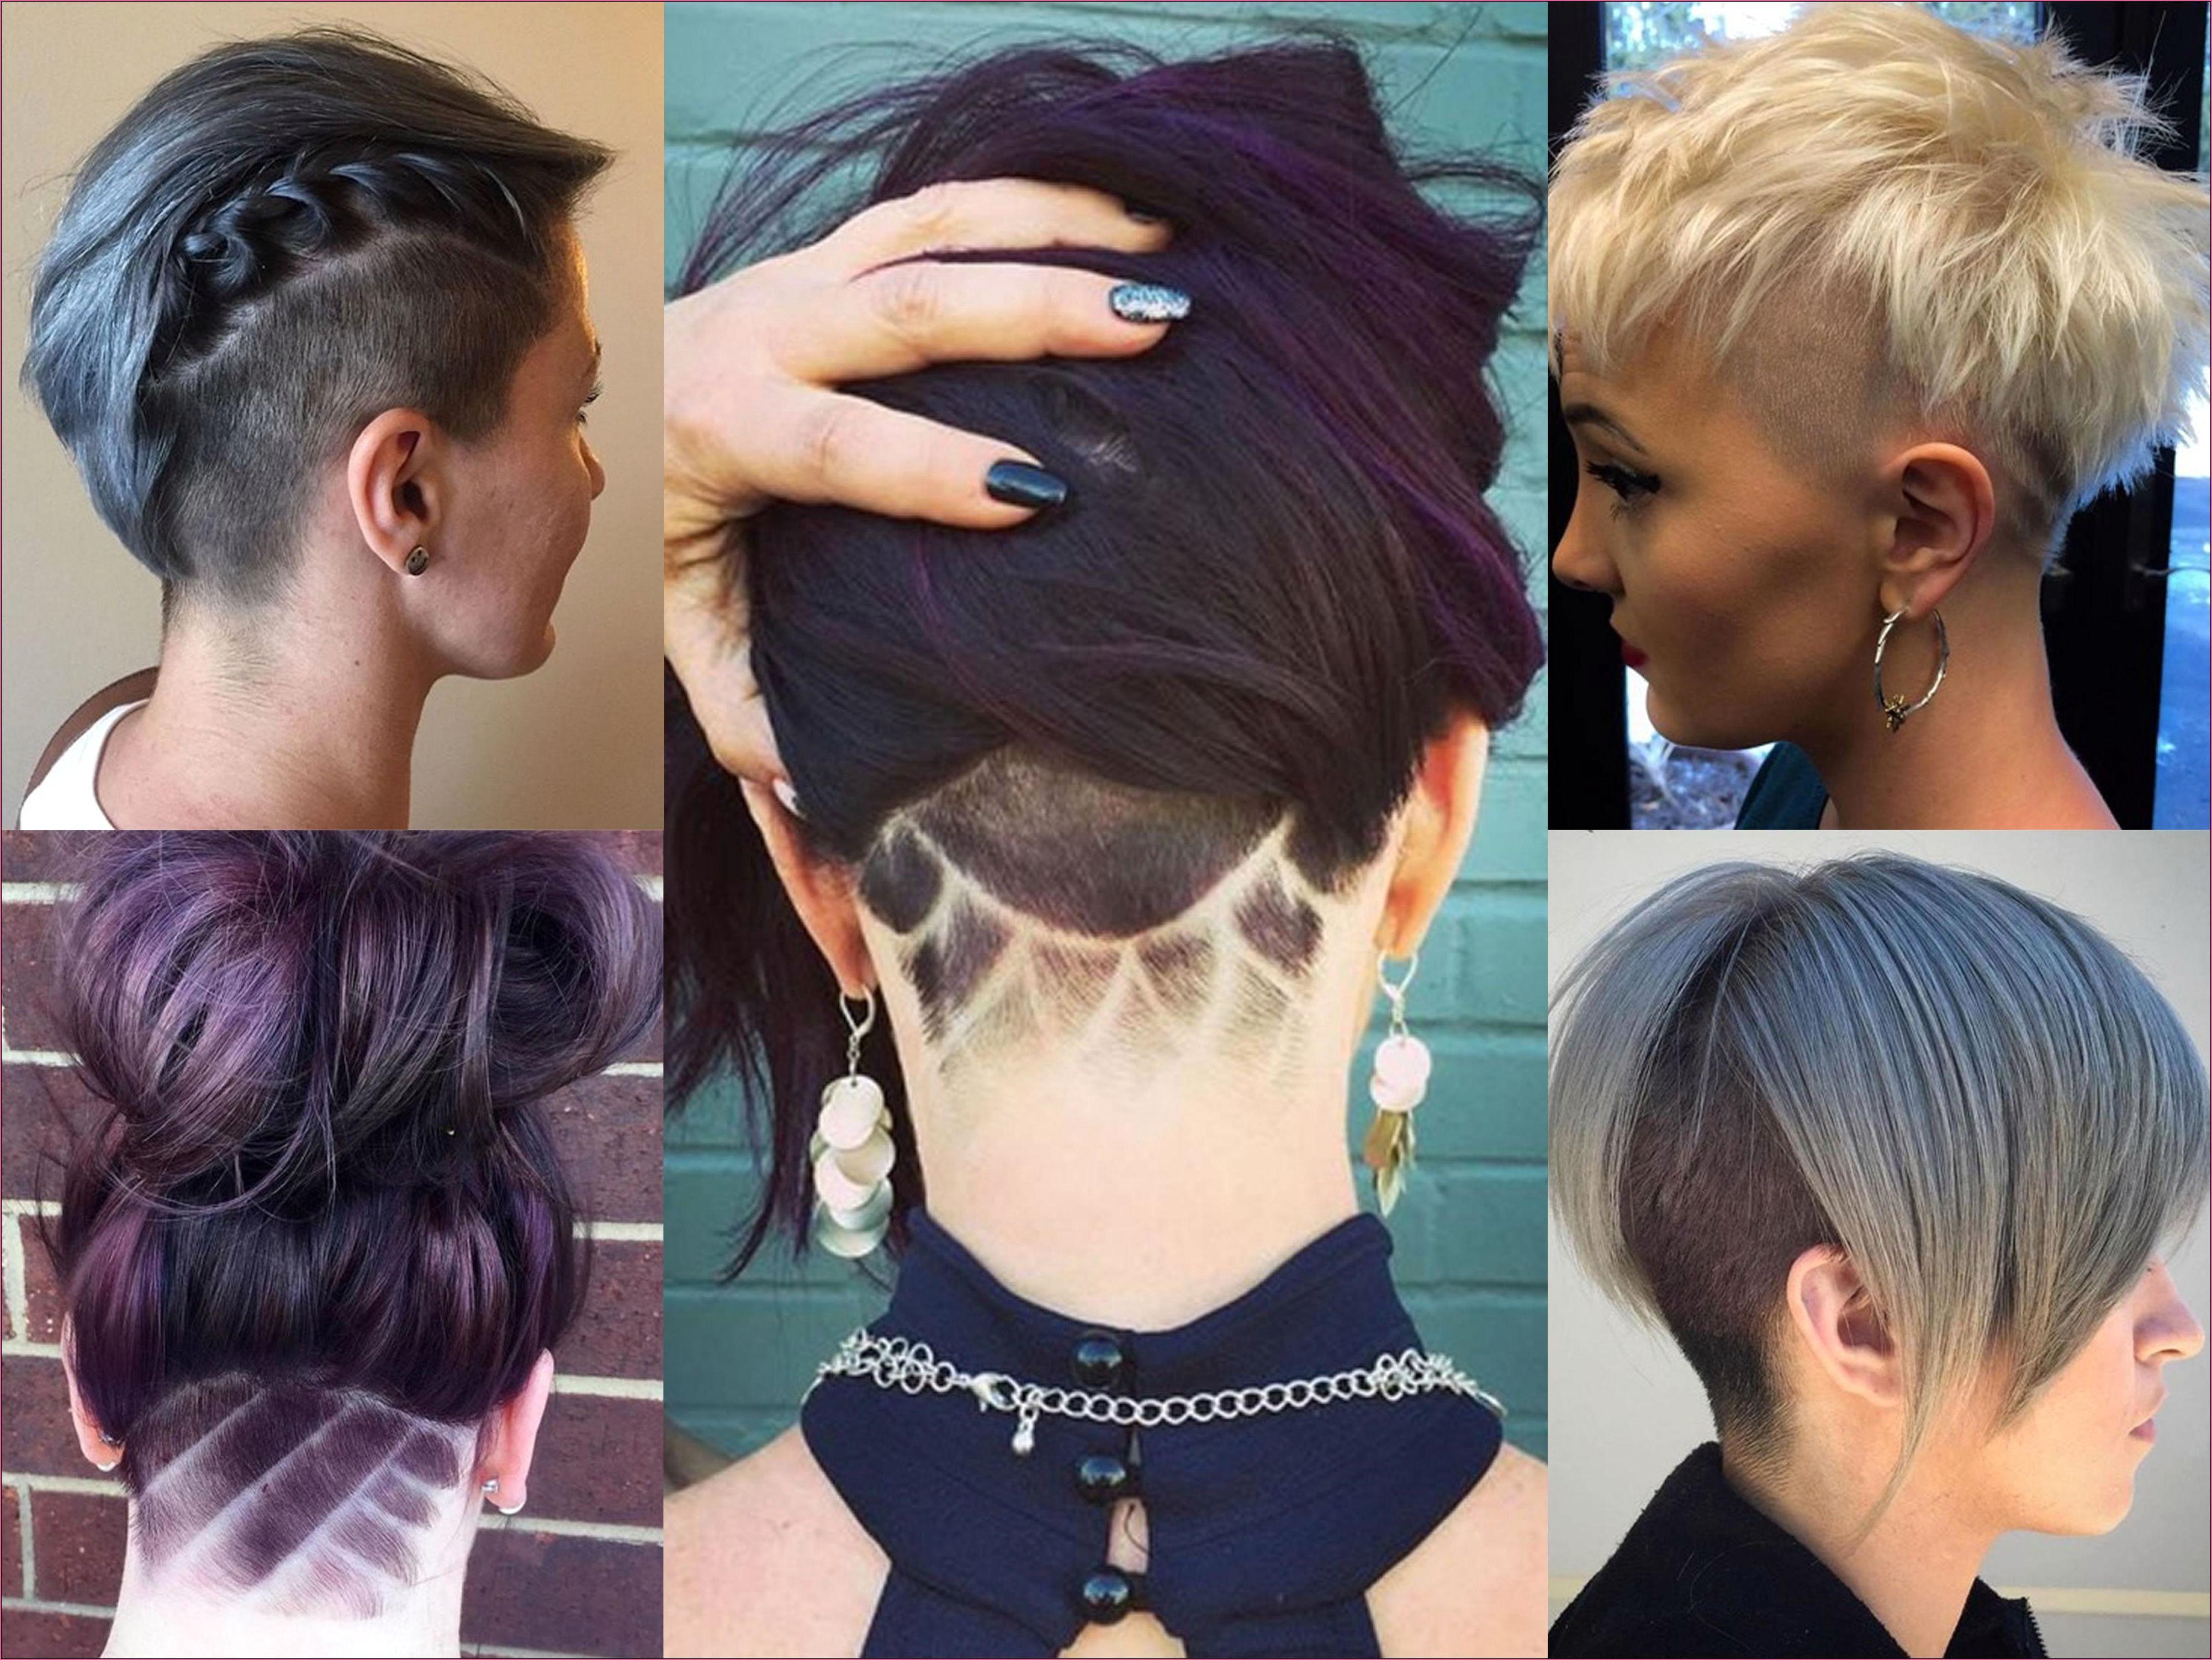 Genial Andrea Ballschuh Frisur In 2020 Frisuren Lange Haare Manner Kurzhaarfrisuren Coole Frisuren Lange Haare